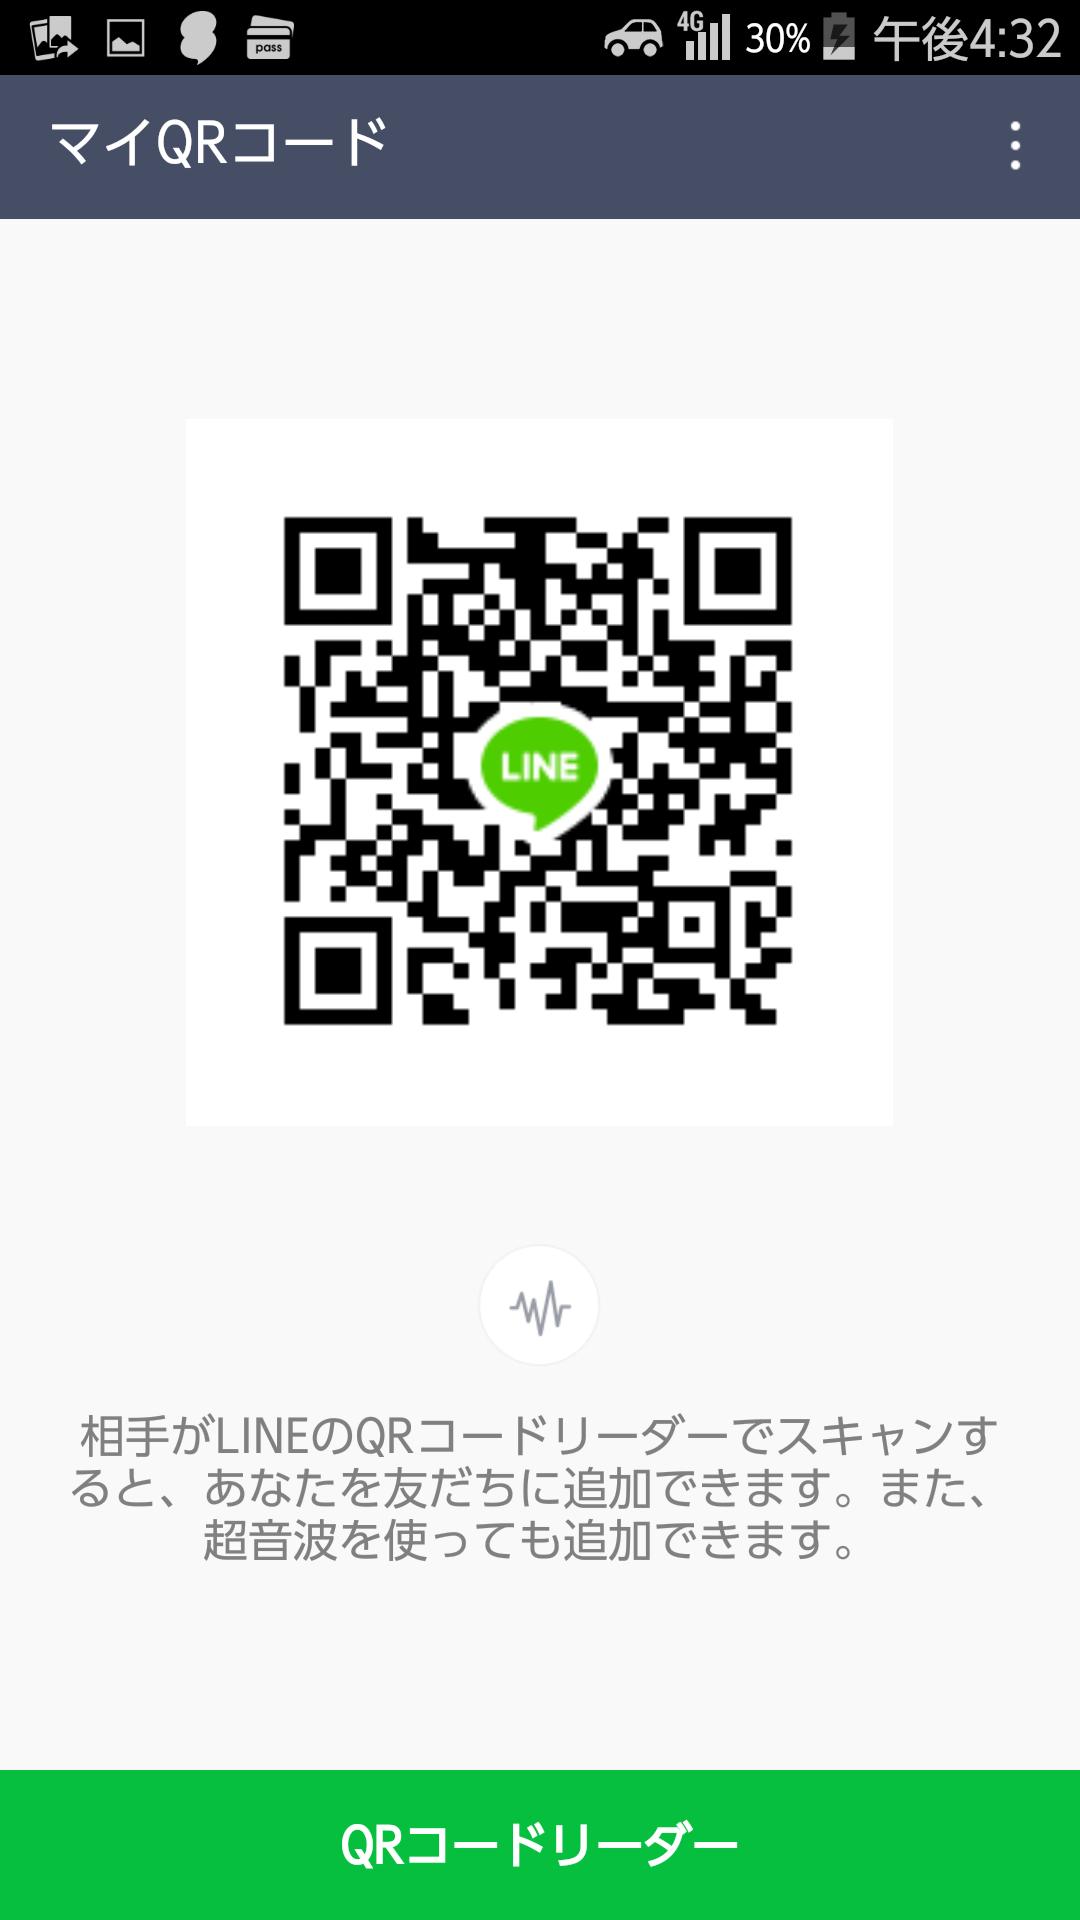 すみかさんのLINE QRコード